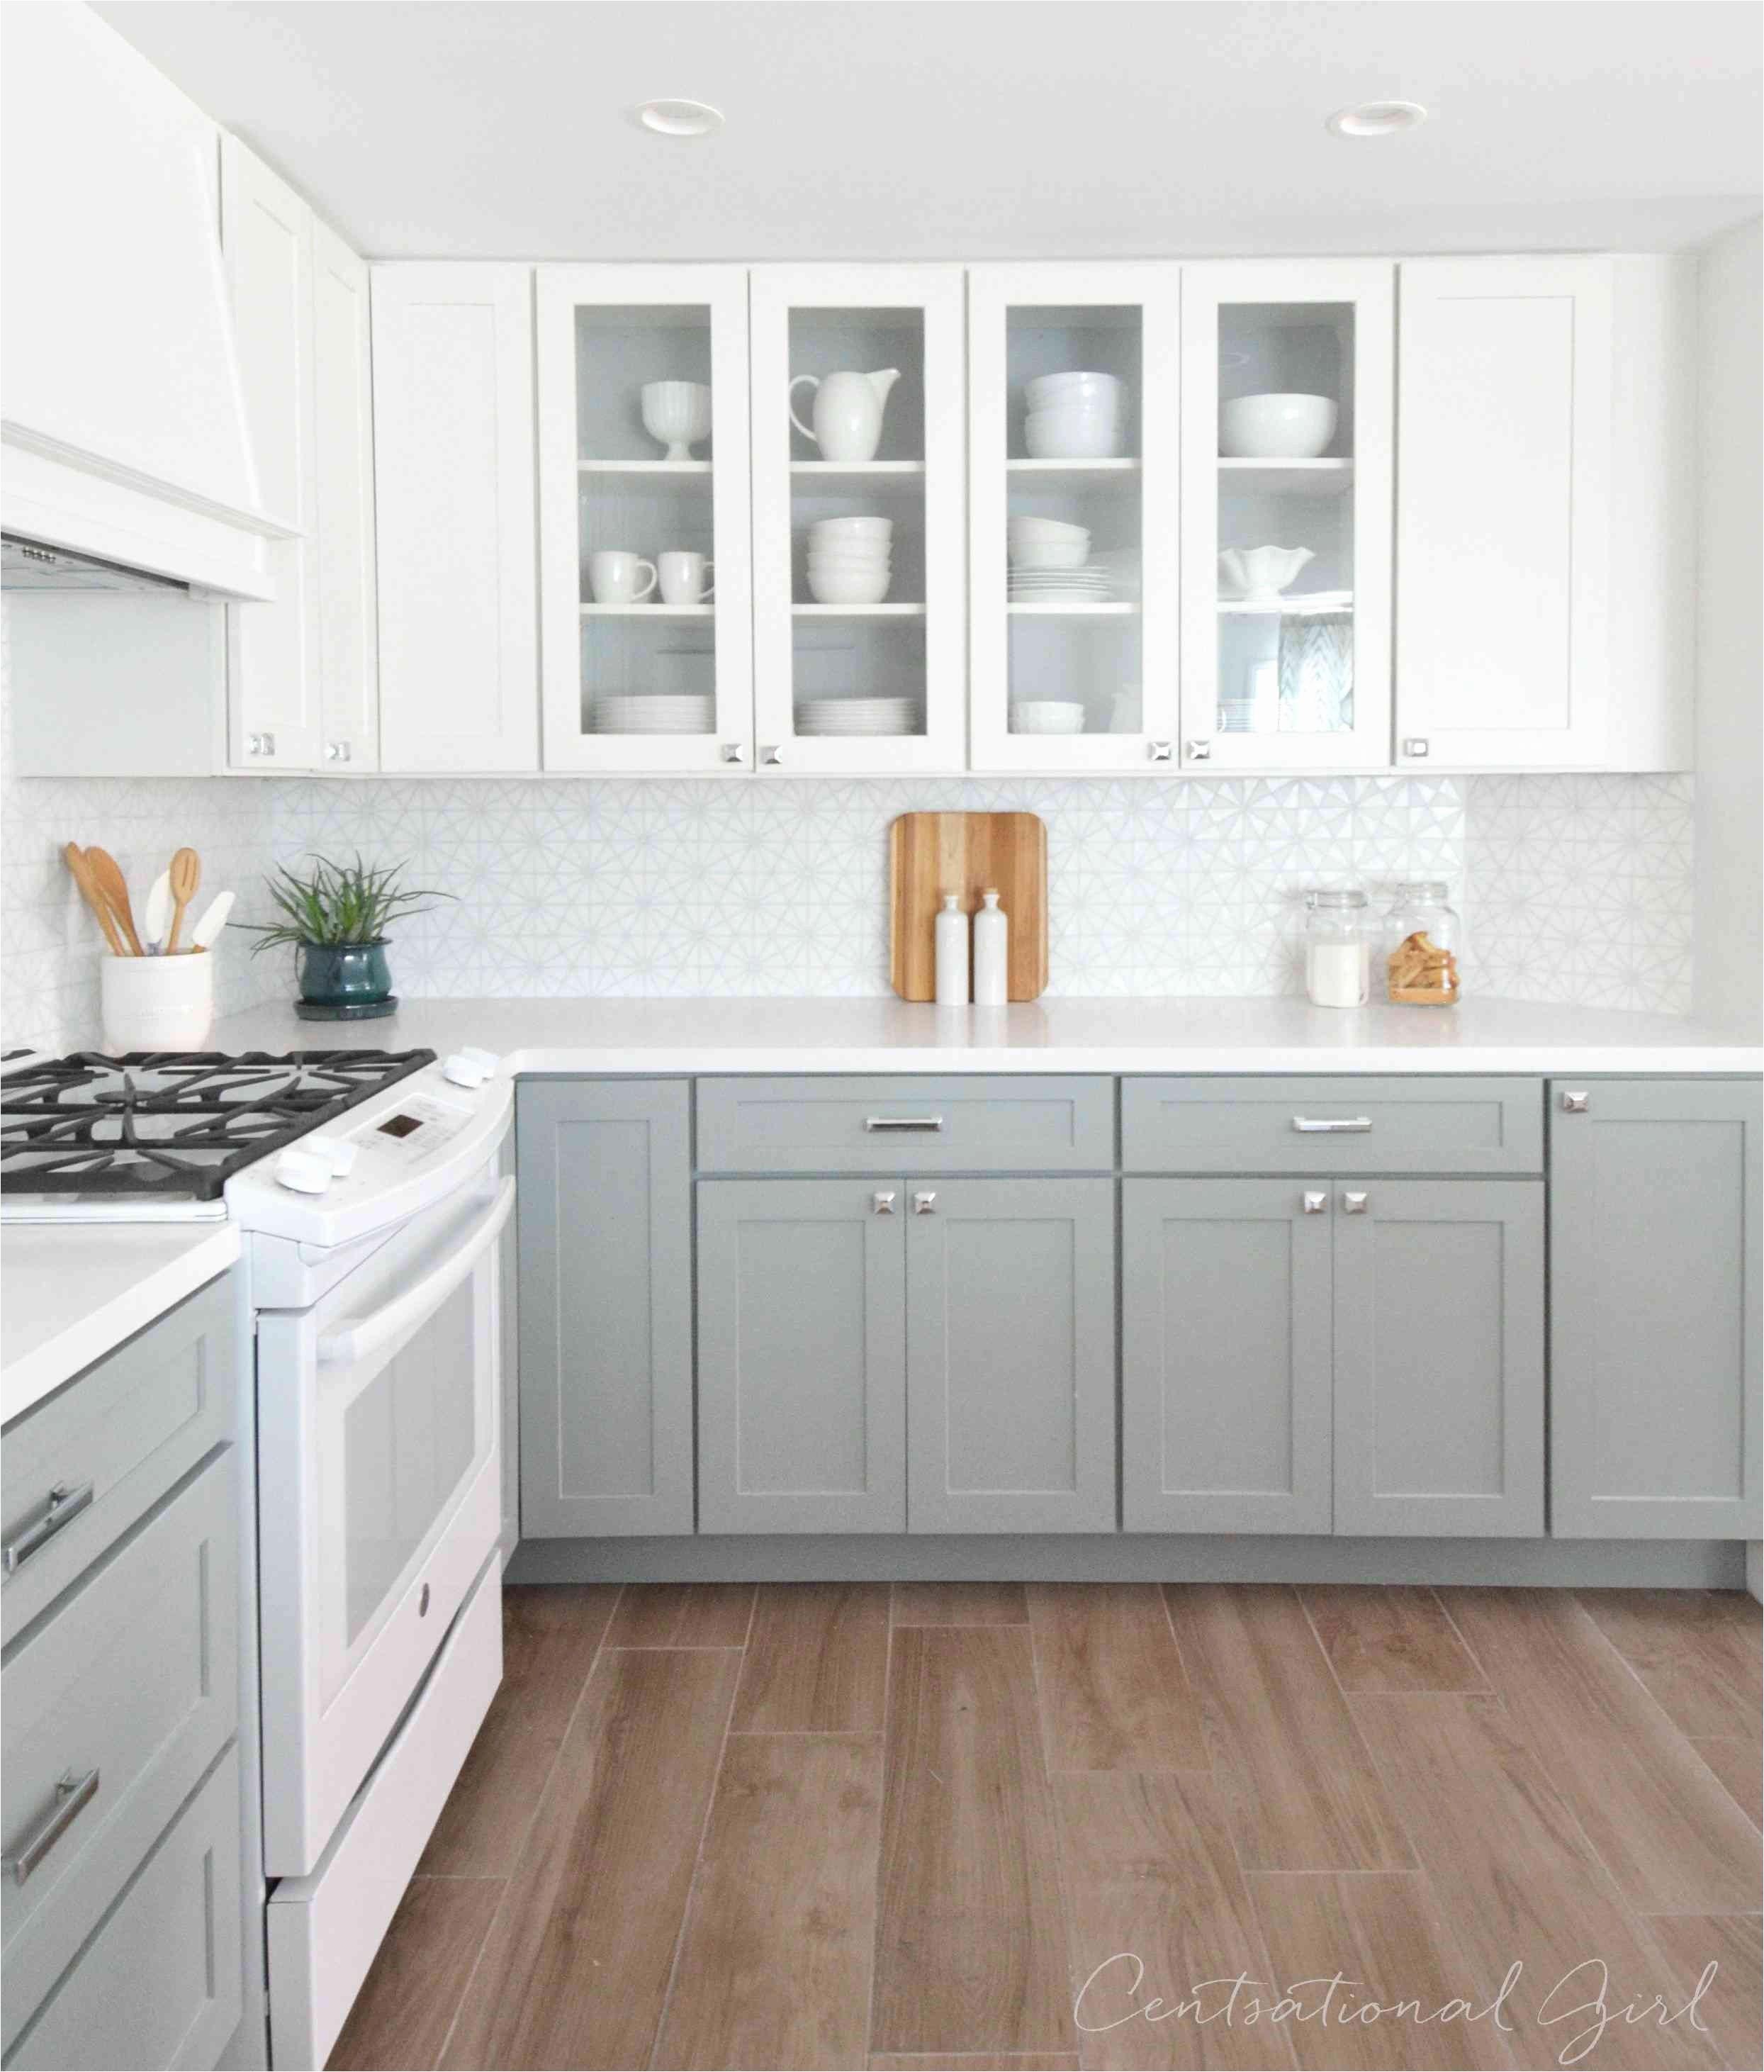 maple hardwood flooring prices of 19 elegant hardwood floors in kitchen gallery dizpos com with hardwood floors in kitchen best of 50 luxury hardwood floor bedroom 50 s pictures